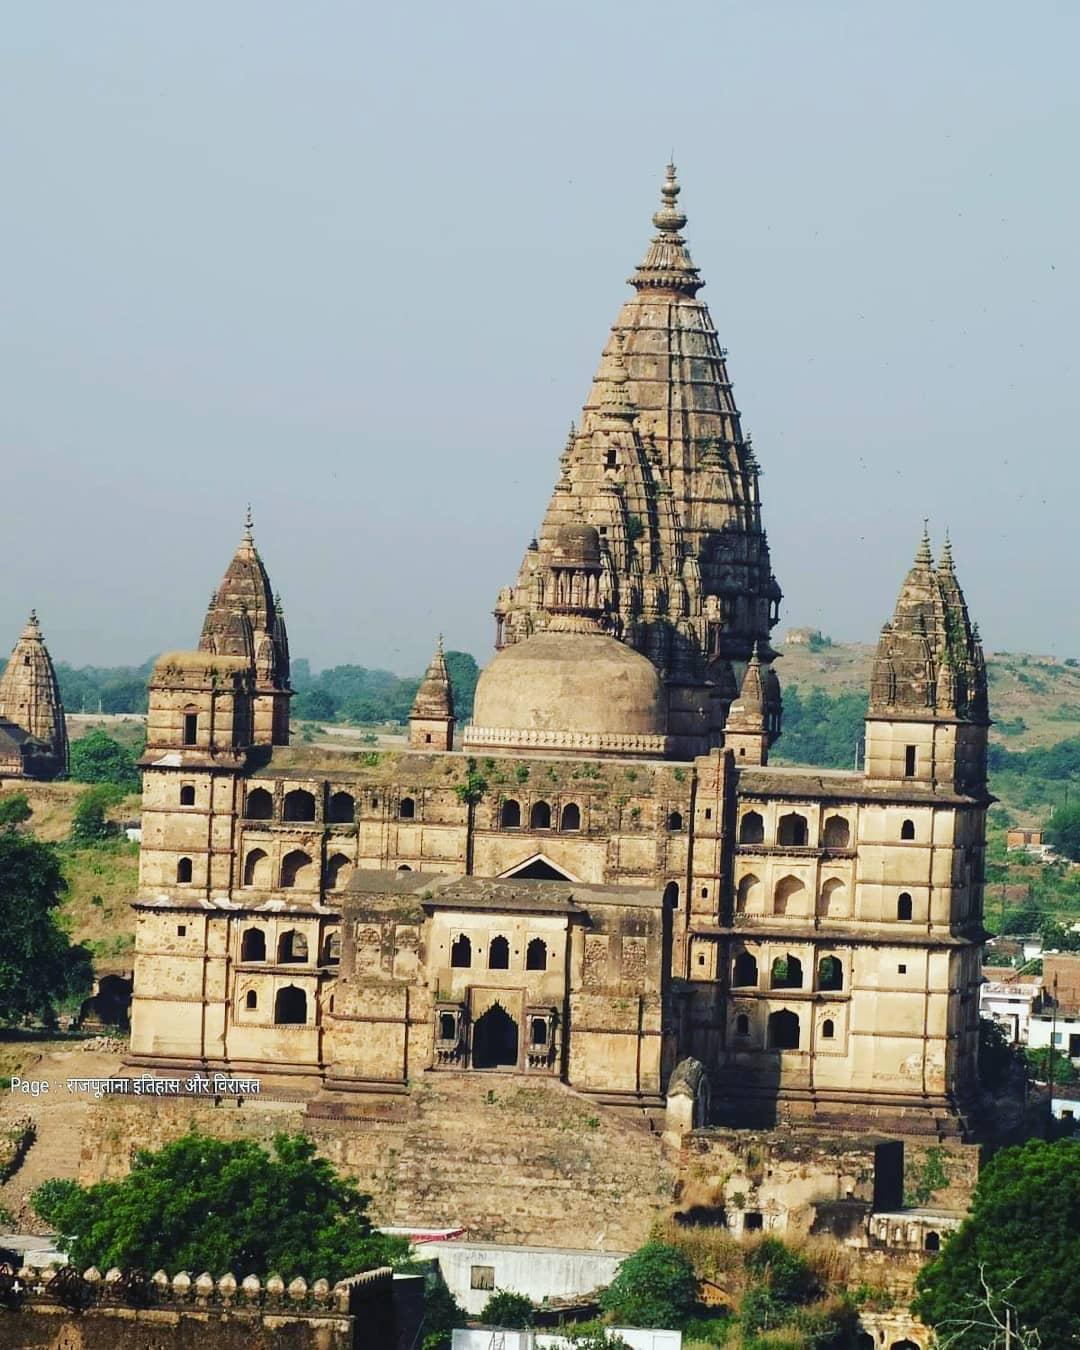 चतुर्भुज मंदिर (ओरछा - मध्य प्रदेश)इस मंदिर का निर्माण ओरछा के शासक मधुकर शाह ...